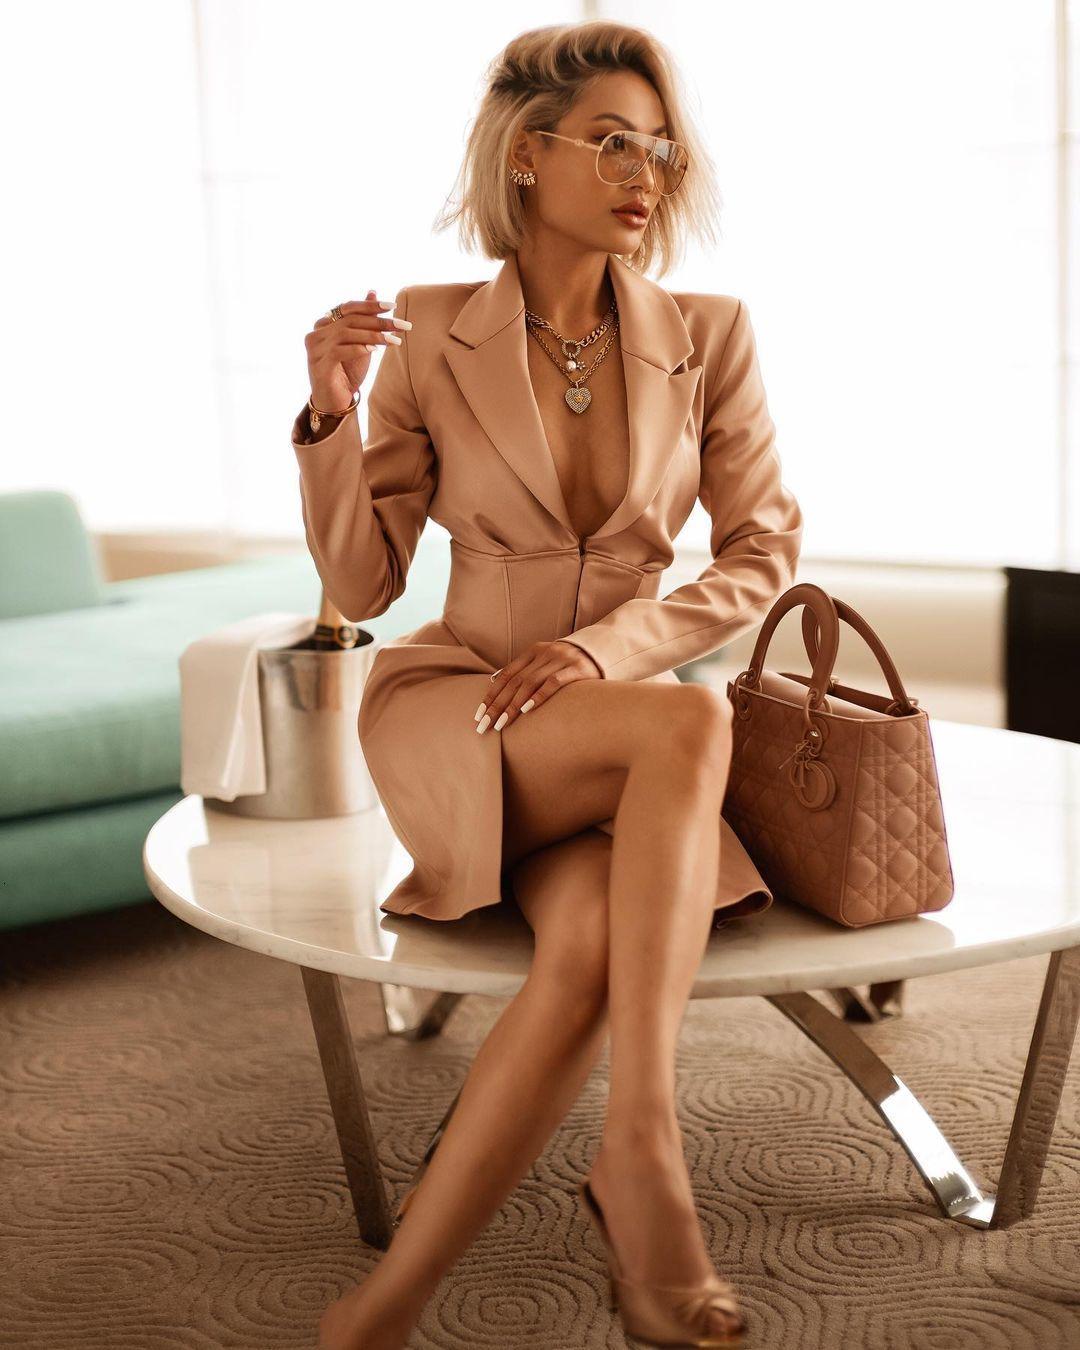 vestido de manga comprida de mulheres terno vestido com pescoço, elegante, ouro, moda, moda, sexy, 2021 d73w